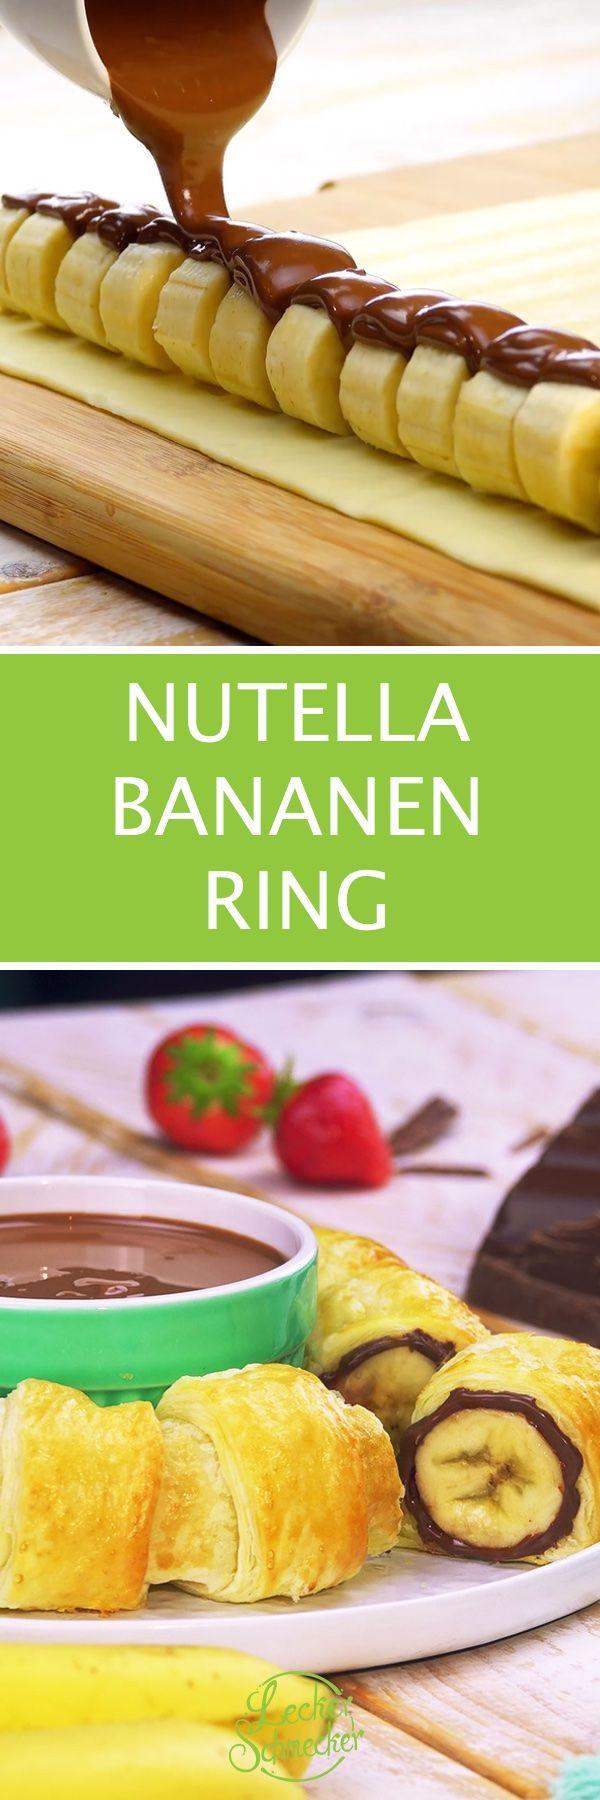 Photo of Der Nutella-Bananen-Ring fliegt mit doppelter Schokodröhnung auf den Teller.